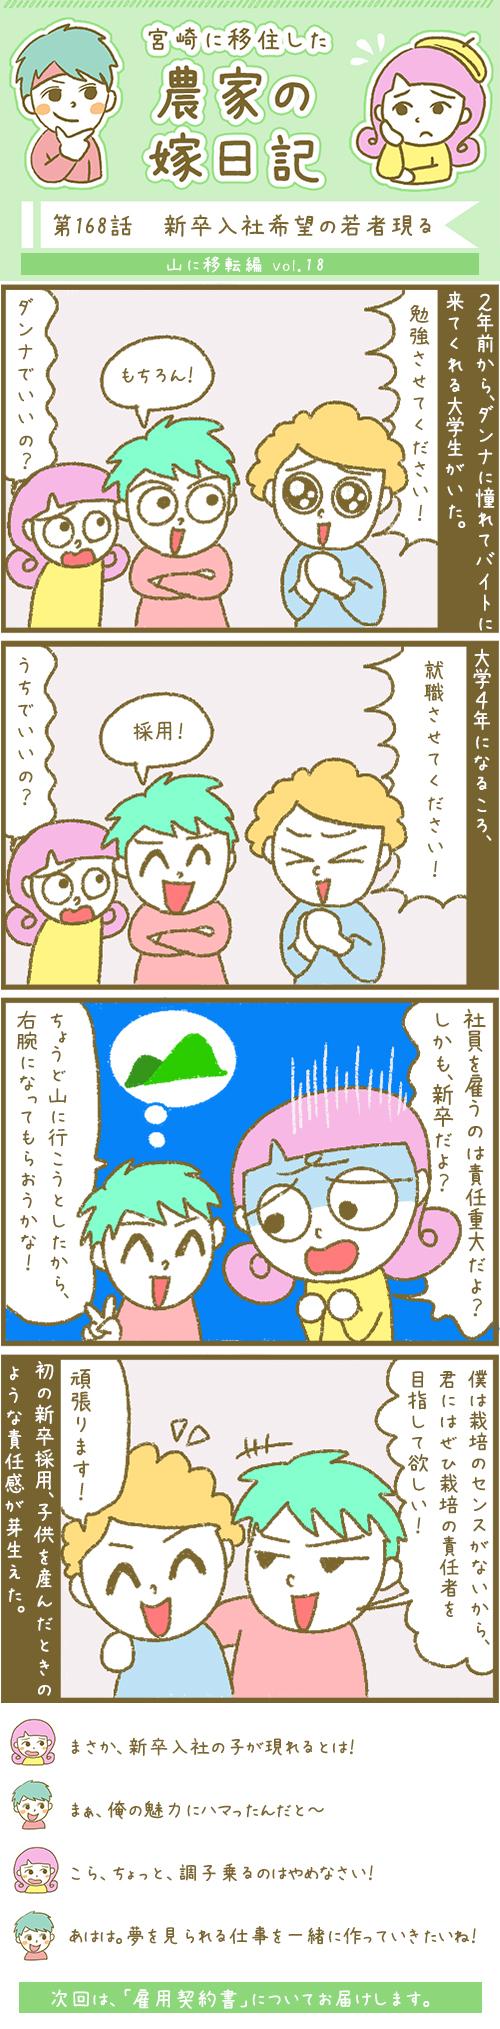 漫画第168話